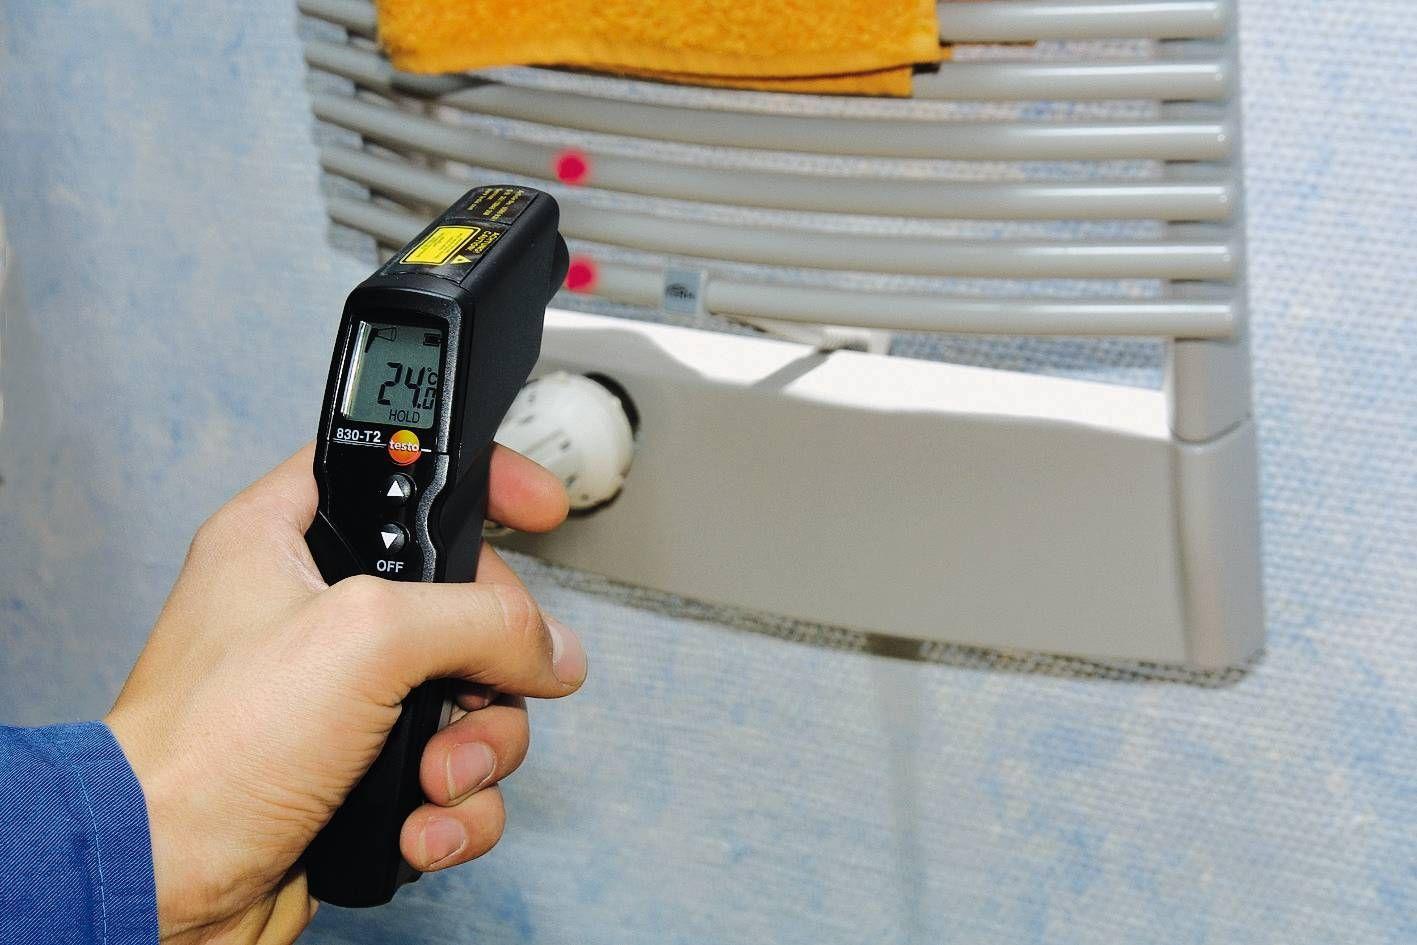 testo 830 T2 - IR-Temperaturmessgerät